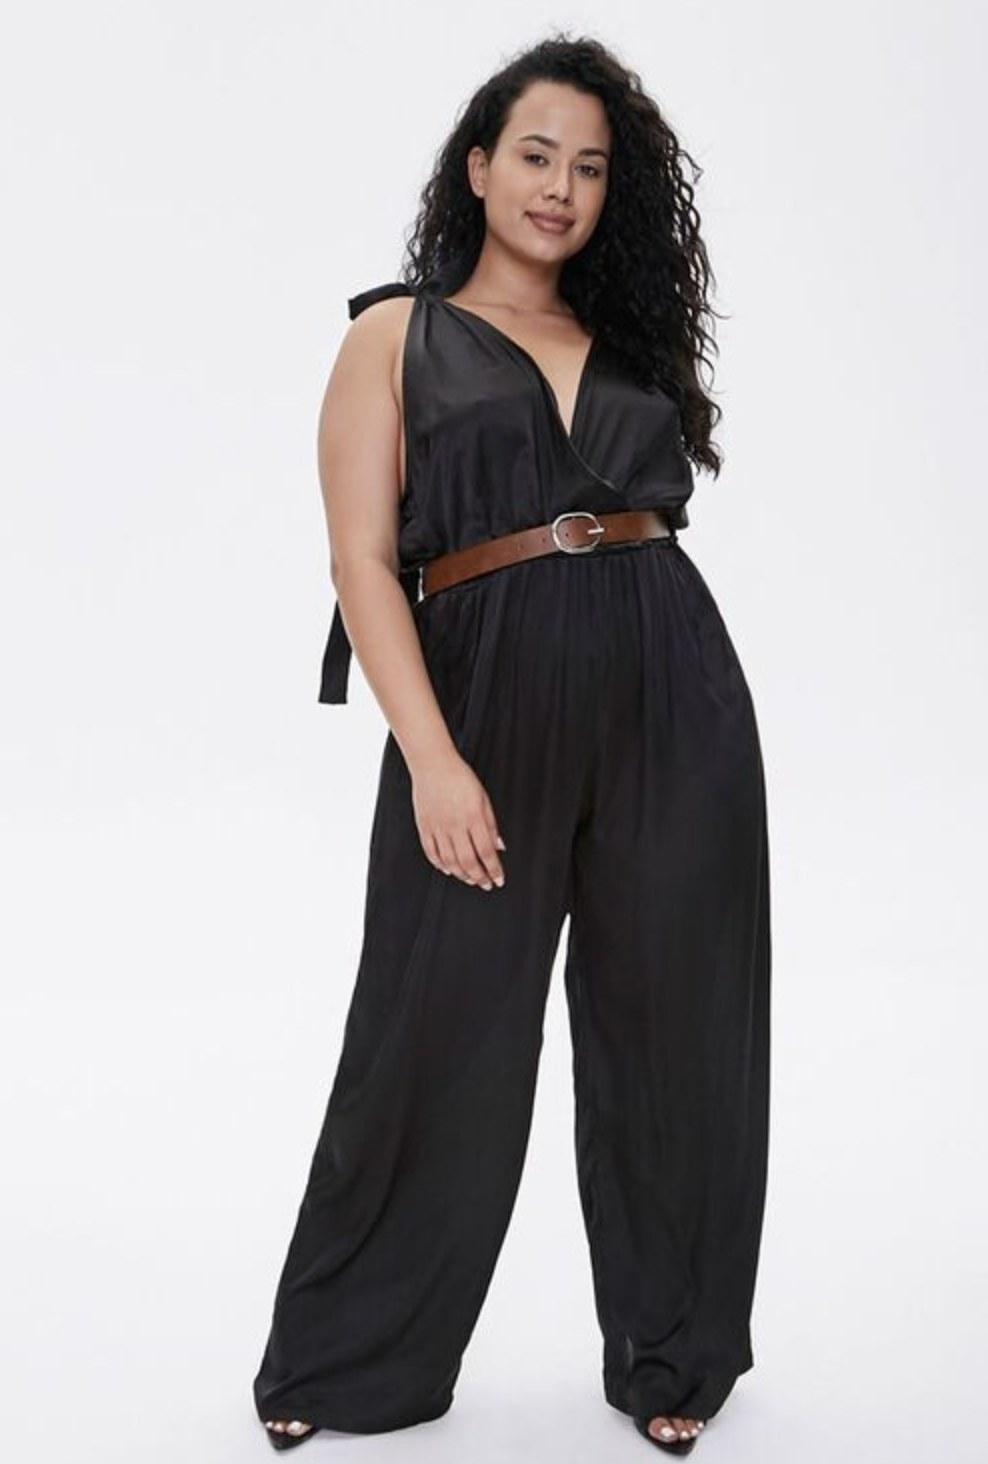 Model is wearing a black jumpsuit